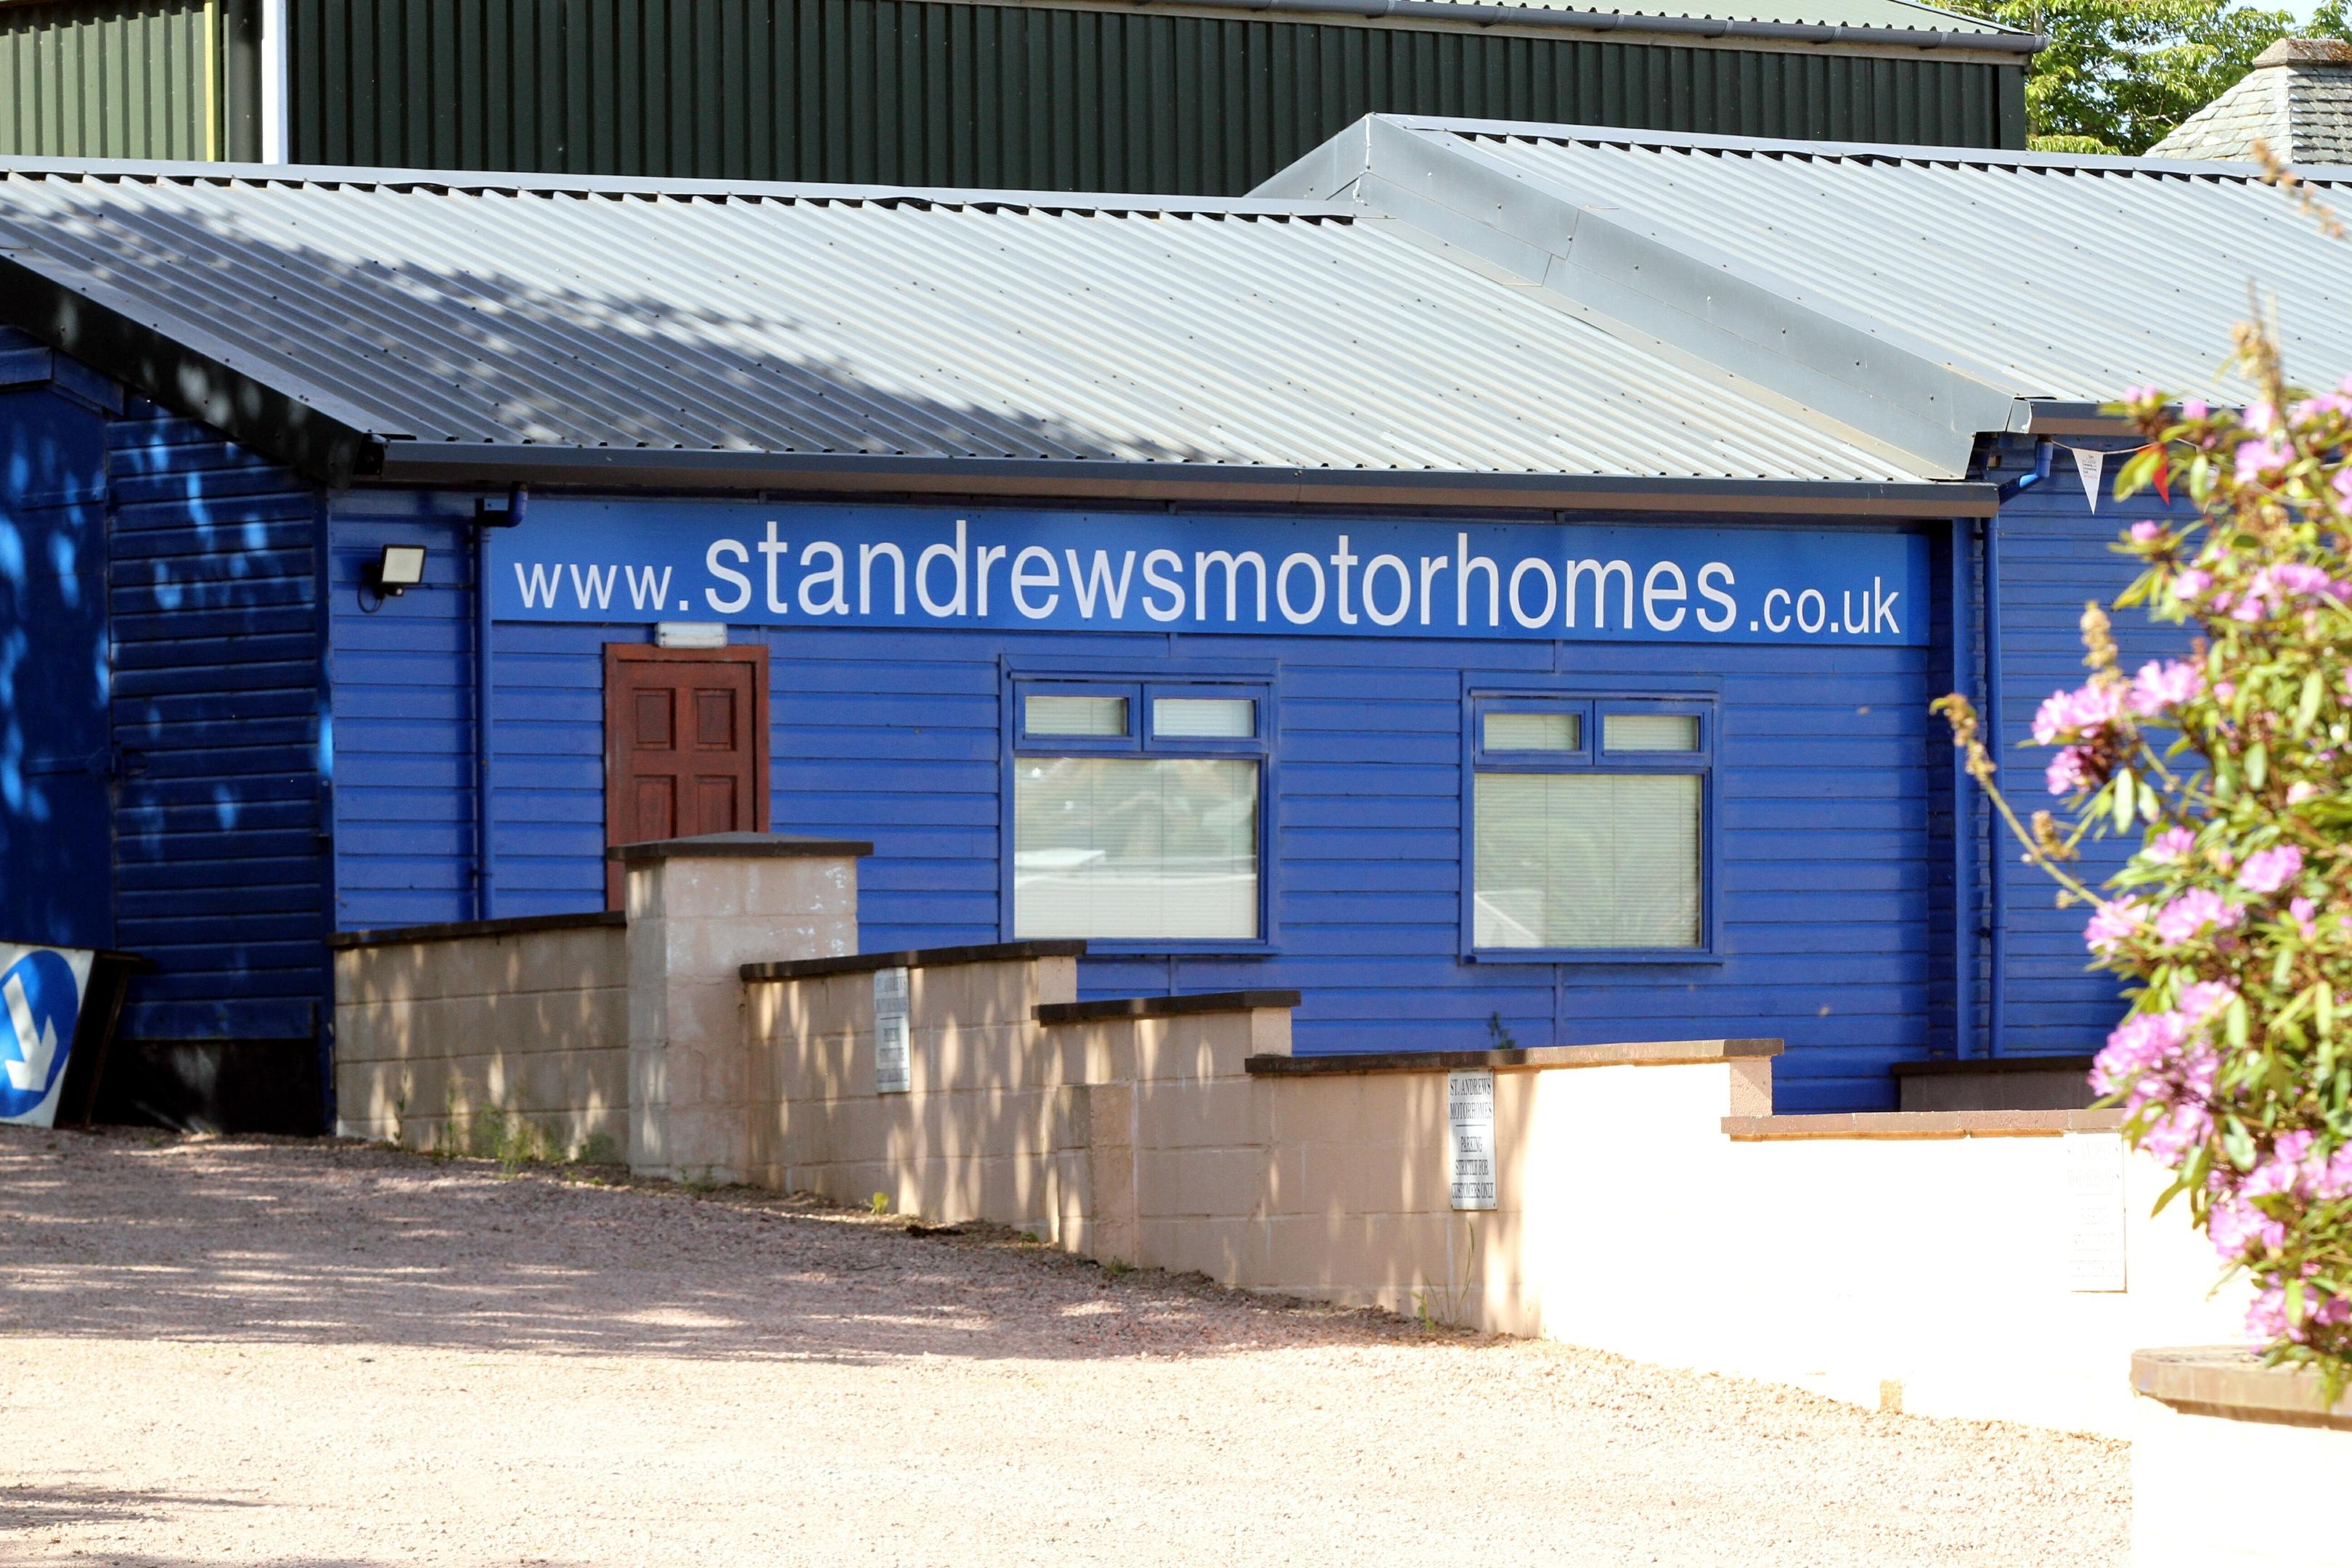 St Andrews Motorhomes.